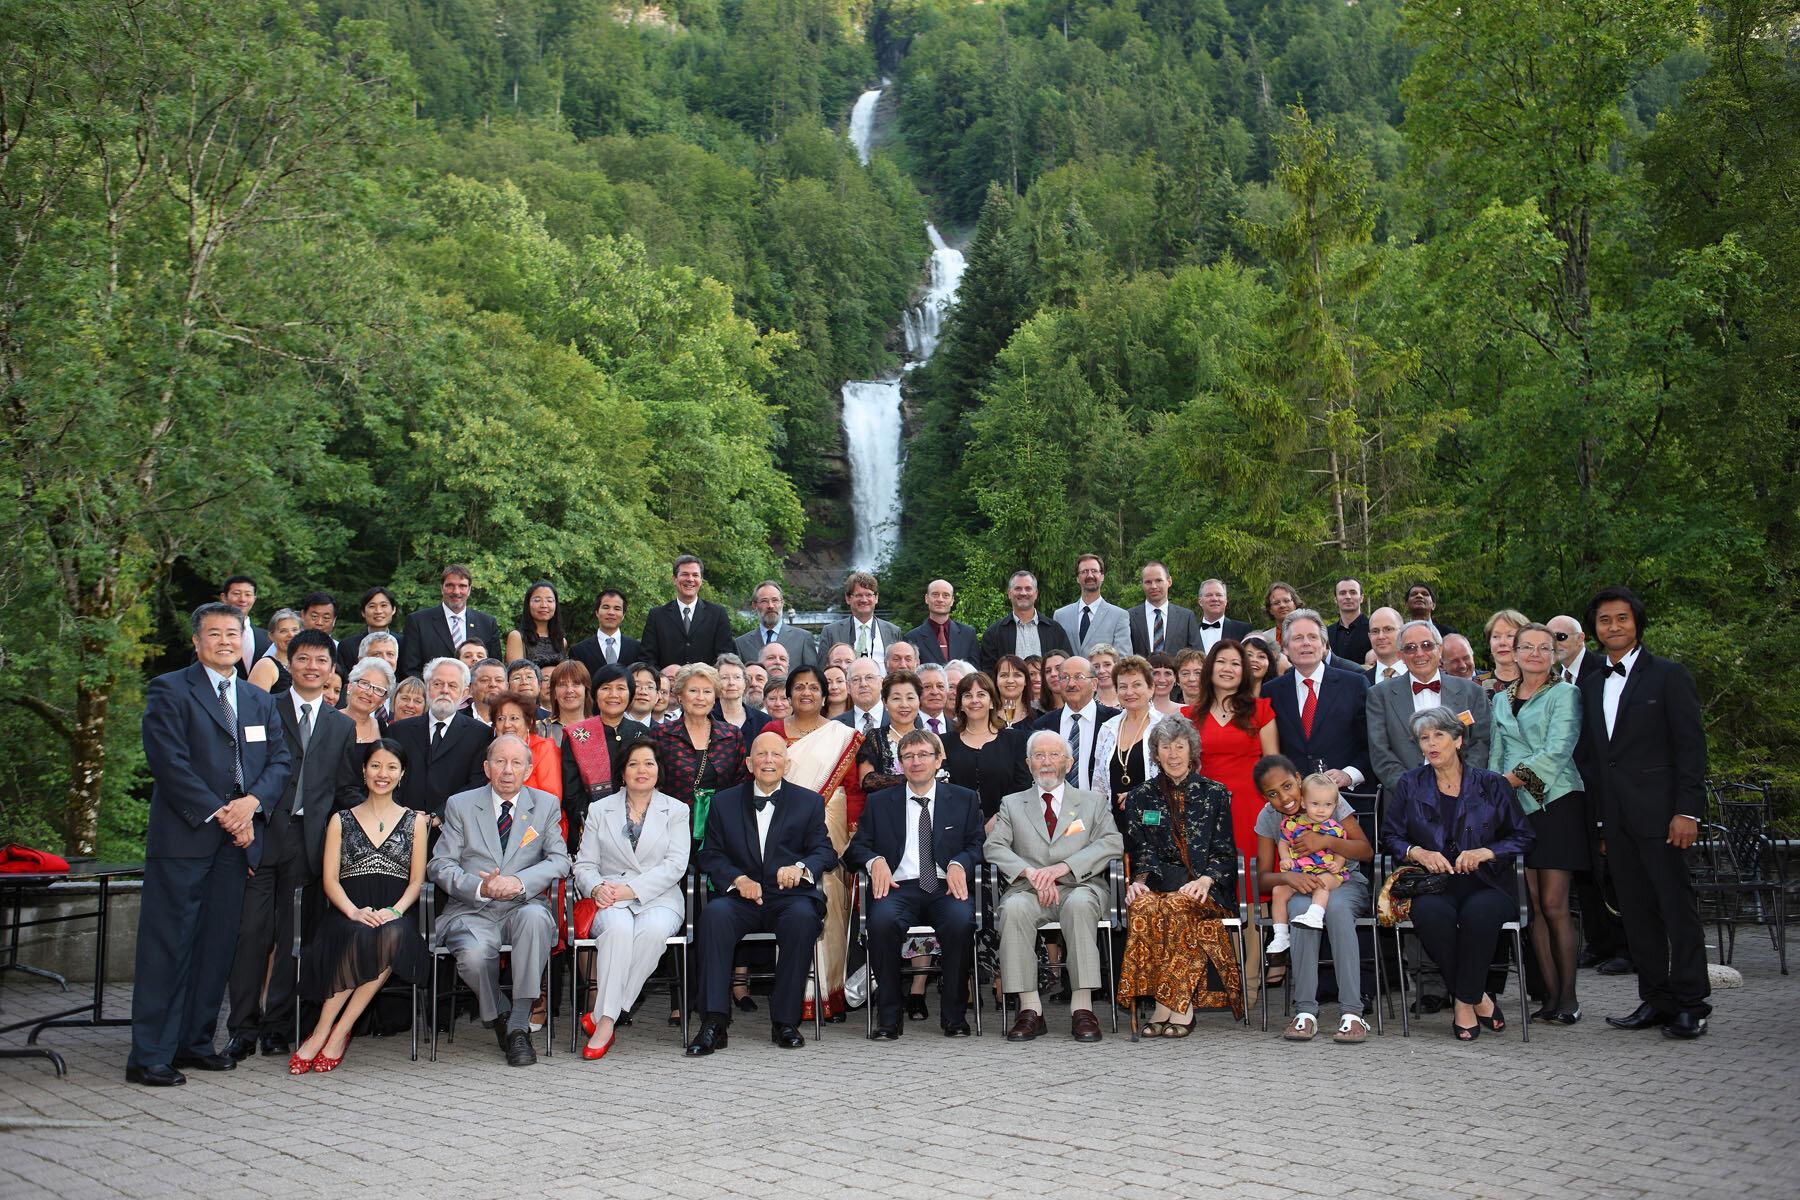 IGC conference in Interlaken, Switzerland in 2011. Photo: Christian von Faber-Castell